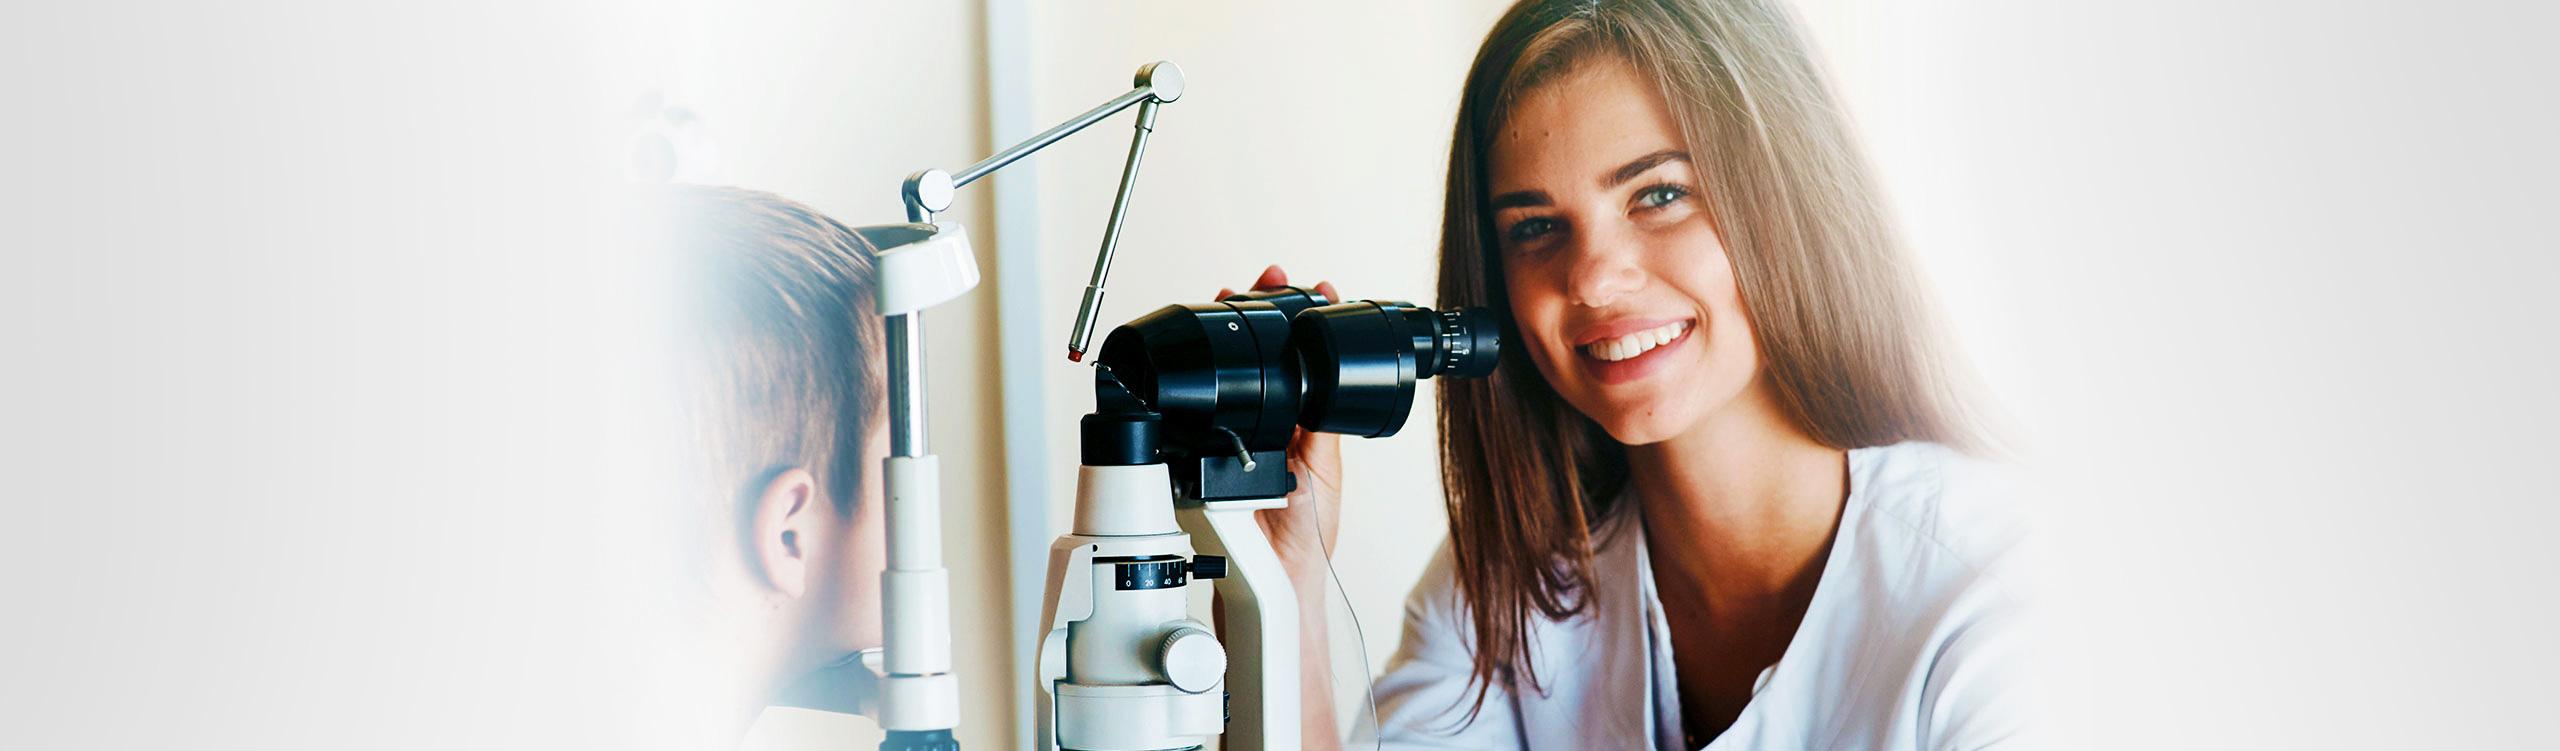 In der Augenarztpraxis Bayreuth bieten wir zahlreiche Leistungen